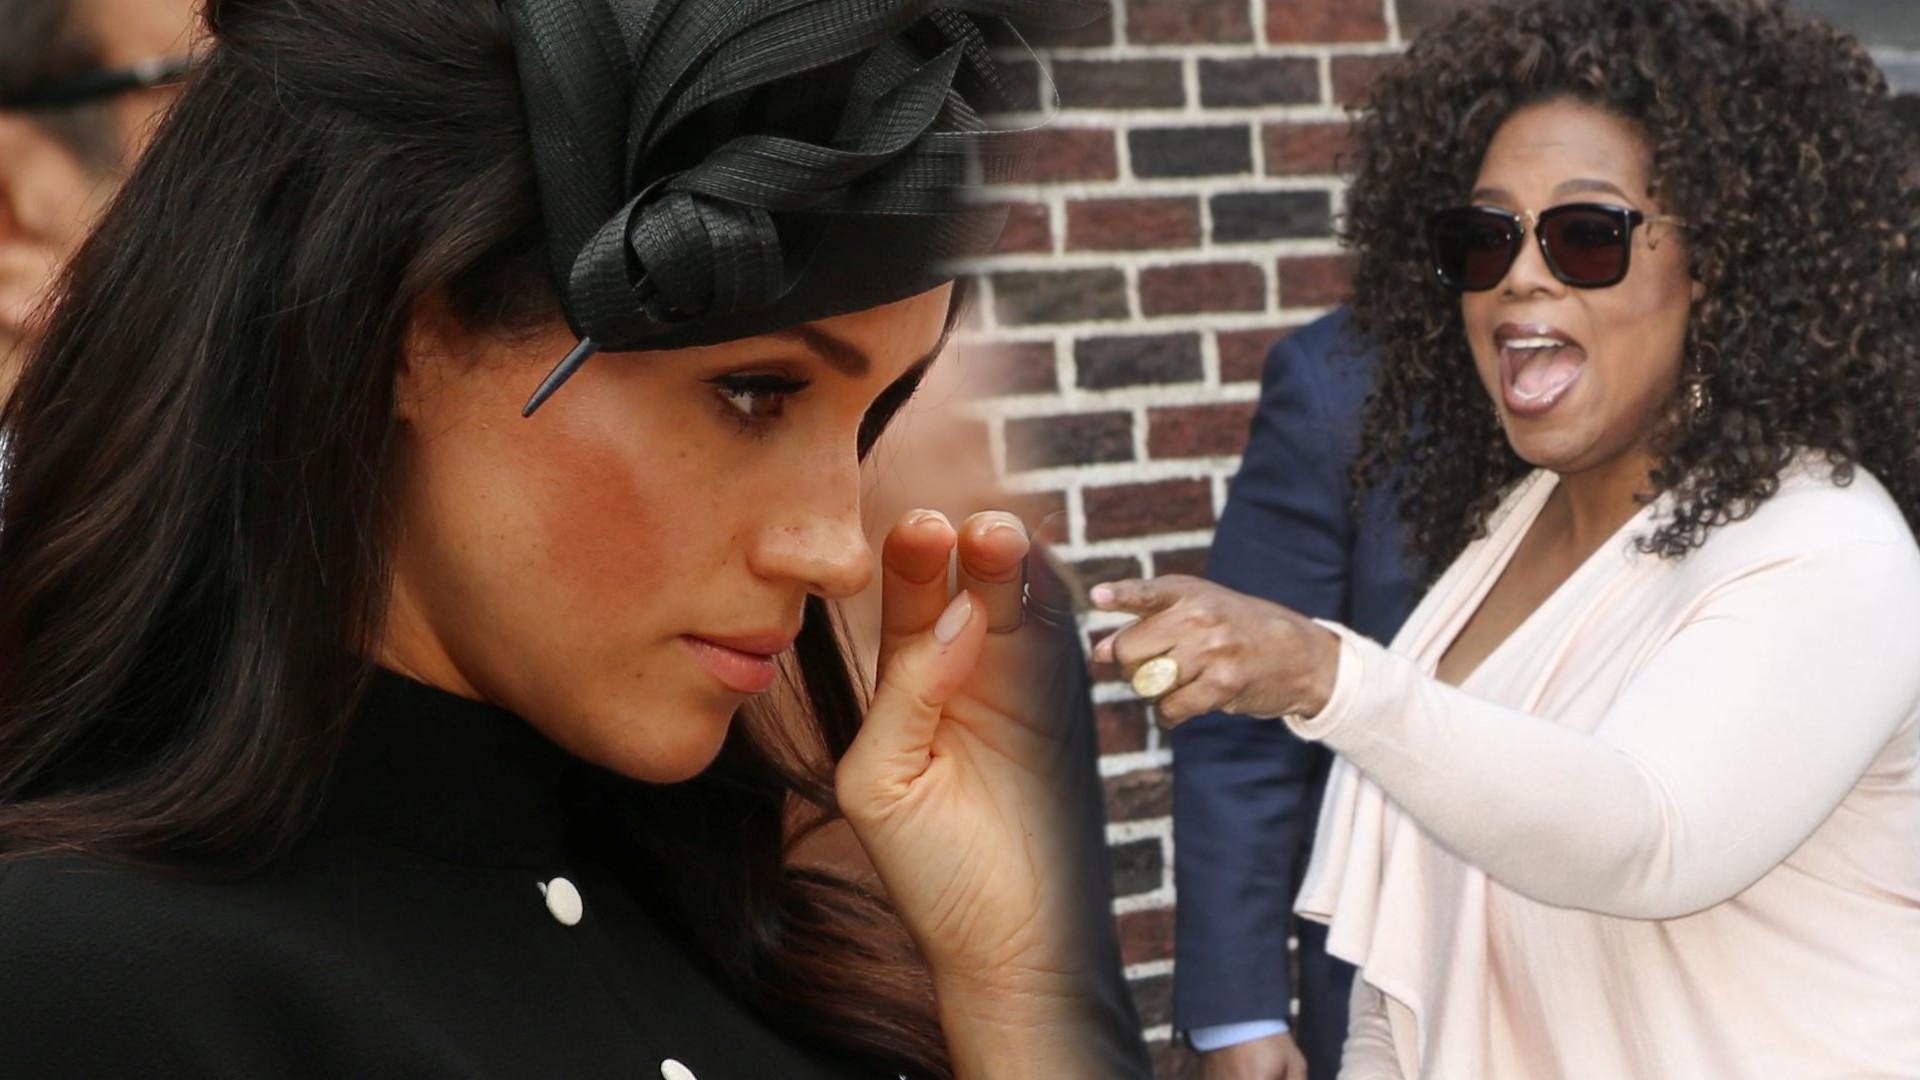 Oprah Winfrey zdradziła CAŁĄ PRAWDĘ o Meghan Markle. Bez ogródek powiedziała jaka jest naprawdę